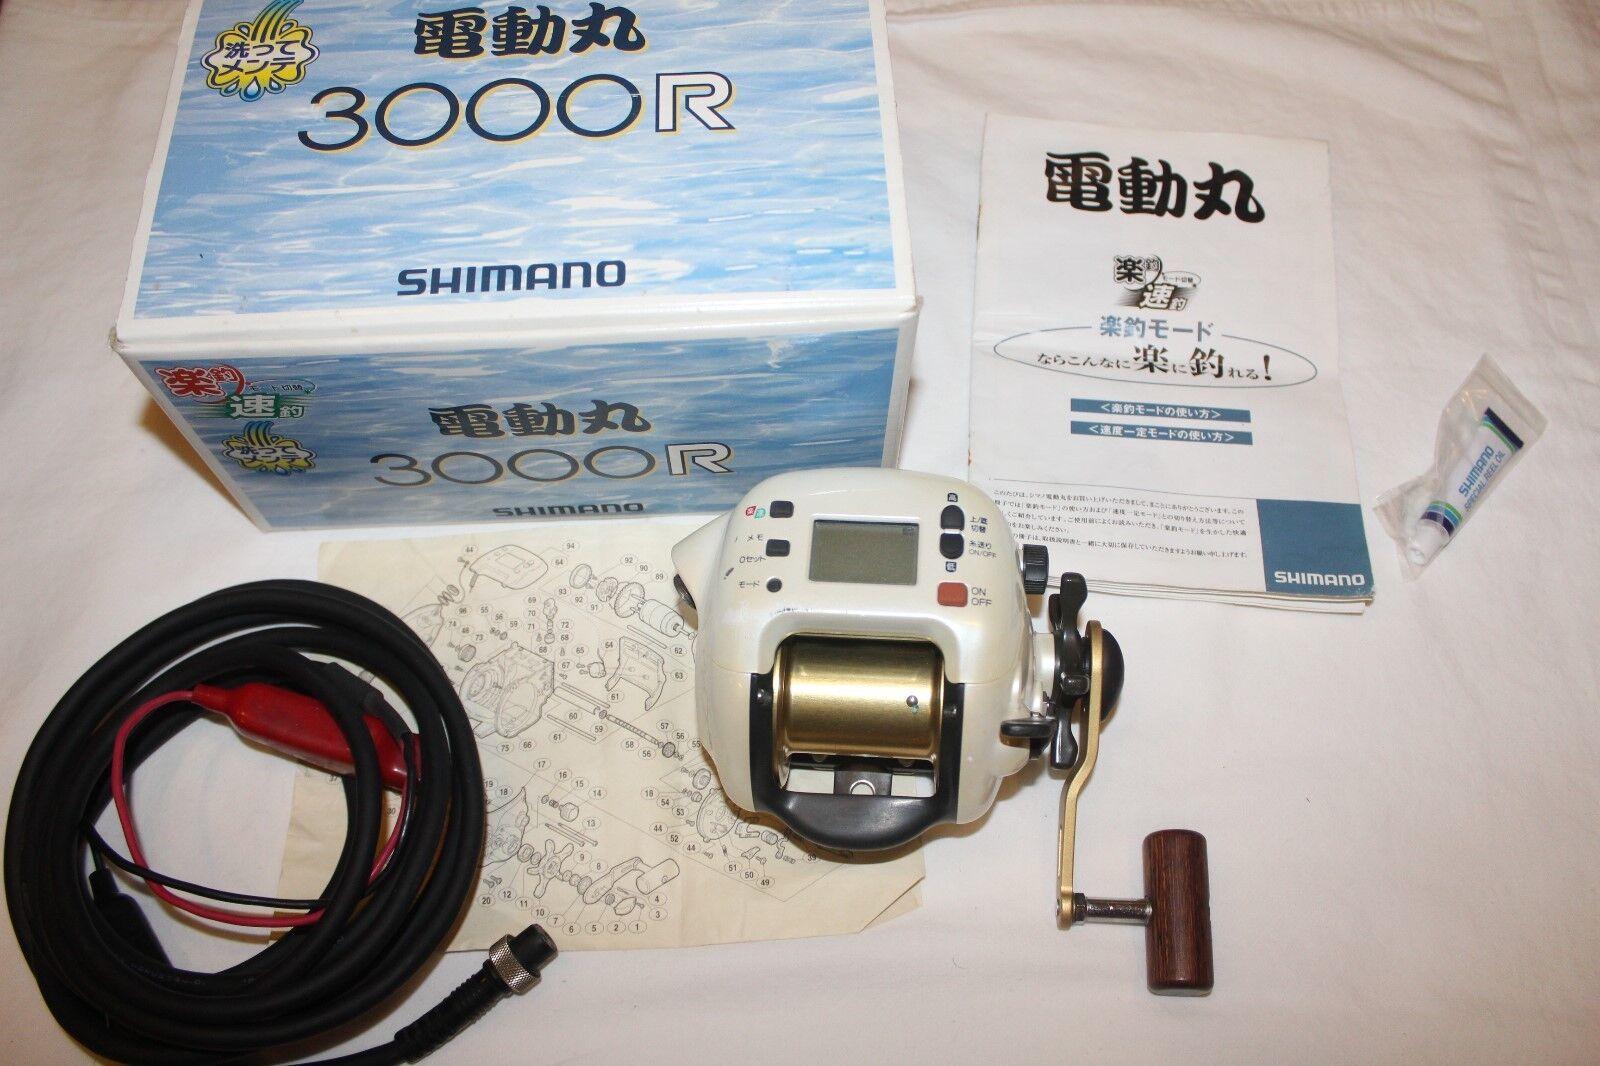 SHIMANO DENDOU-MARU 3000 R IM OVP-ELEKTRGoldLLE-MADE IN JAPAN-Nr-861